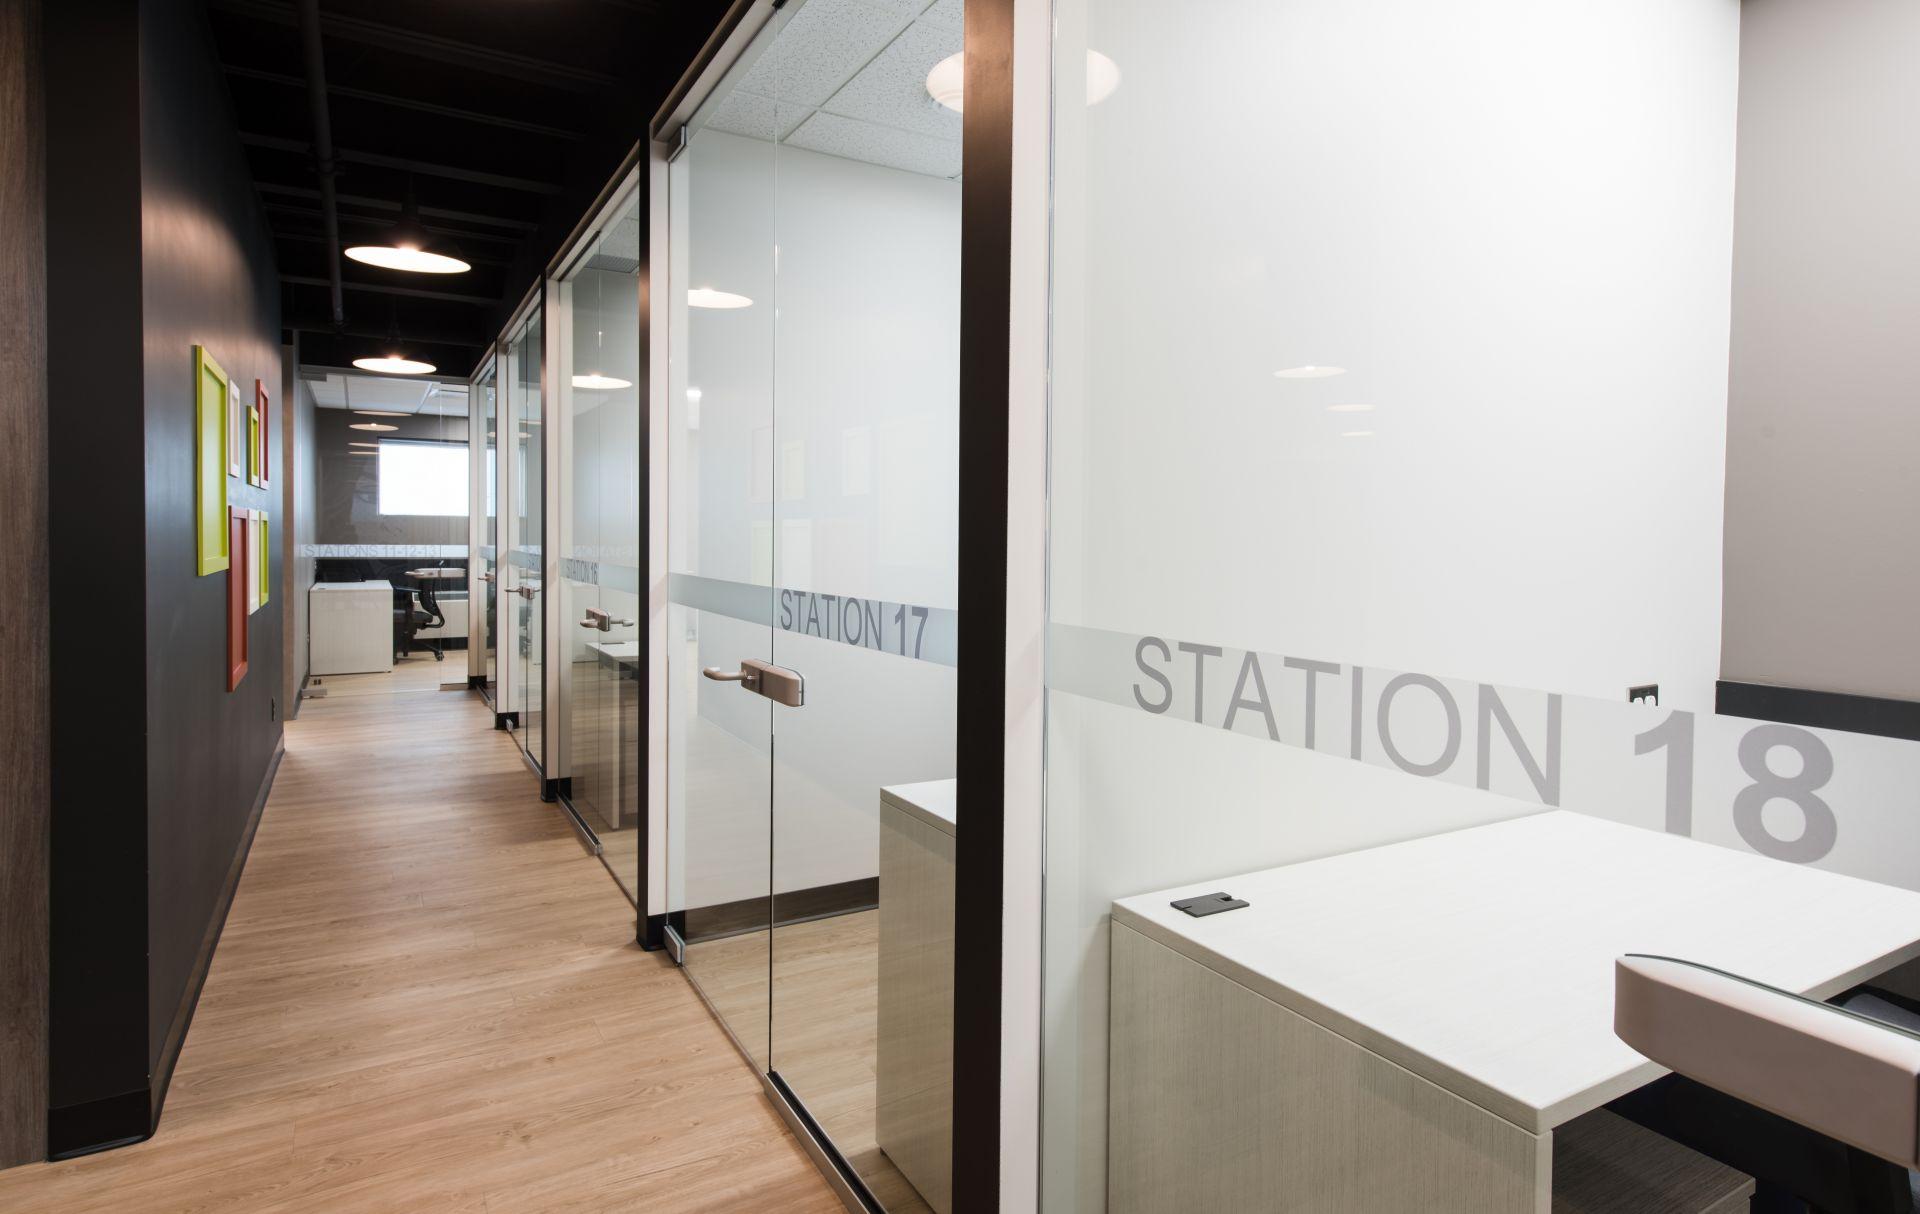 Station 900, Saint-Jean-sur-Richelieu